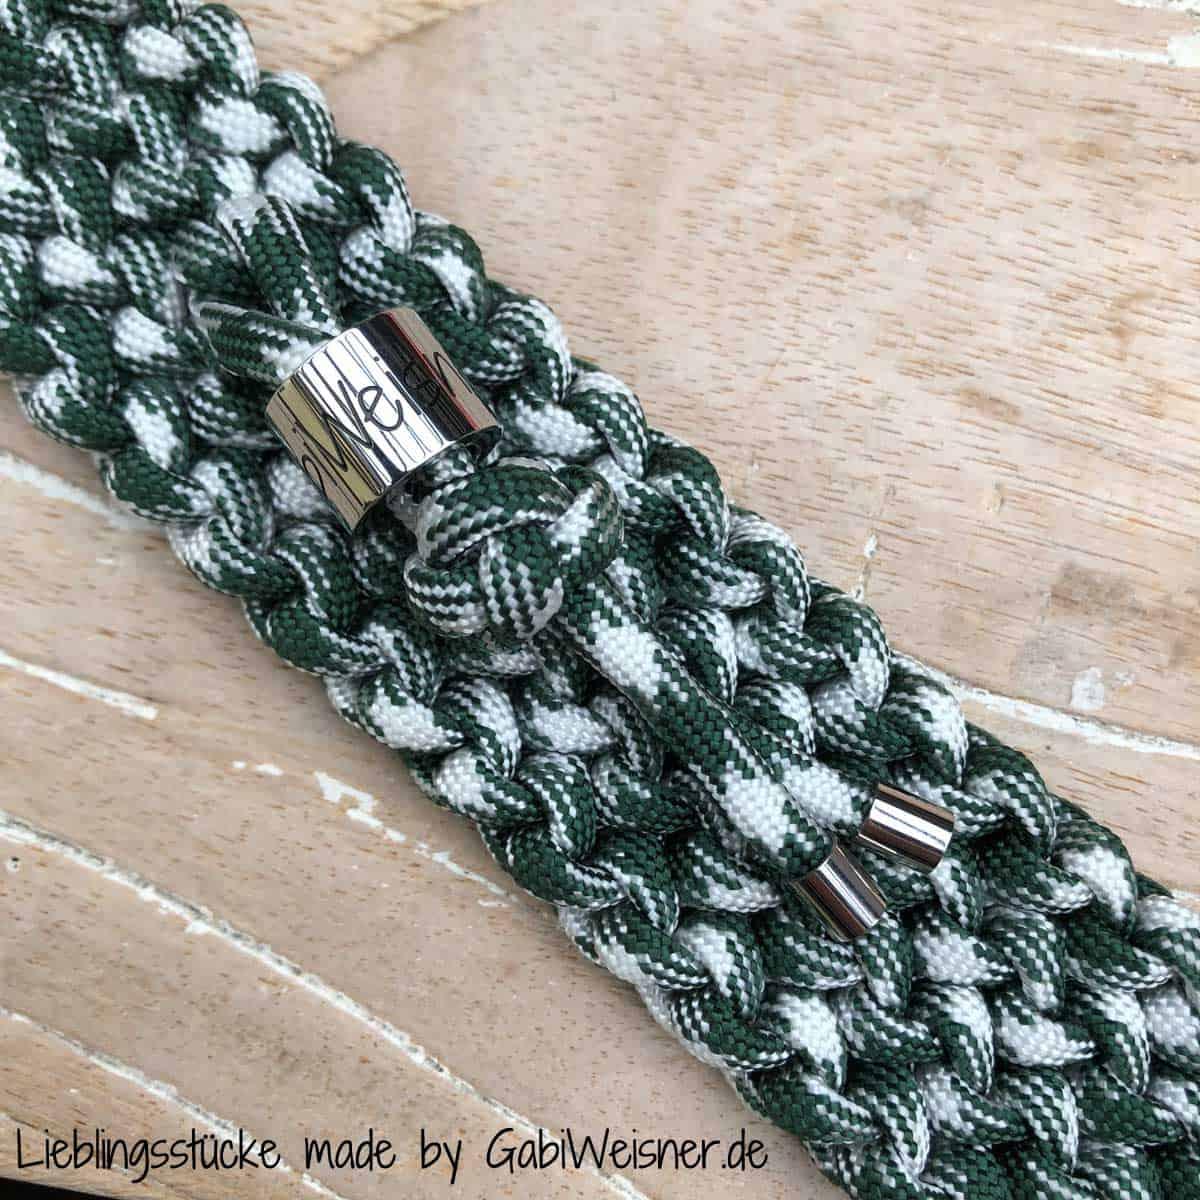 Hundehalsband Grün-Weiß, 3 cm breit, stufenlos verstellbar